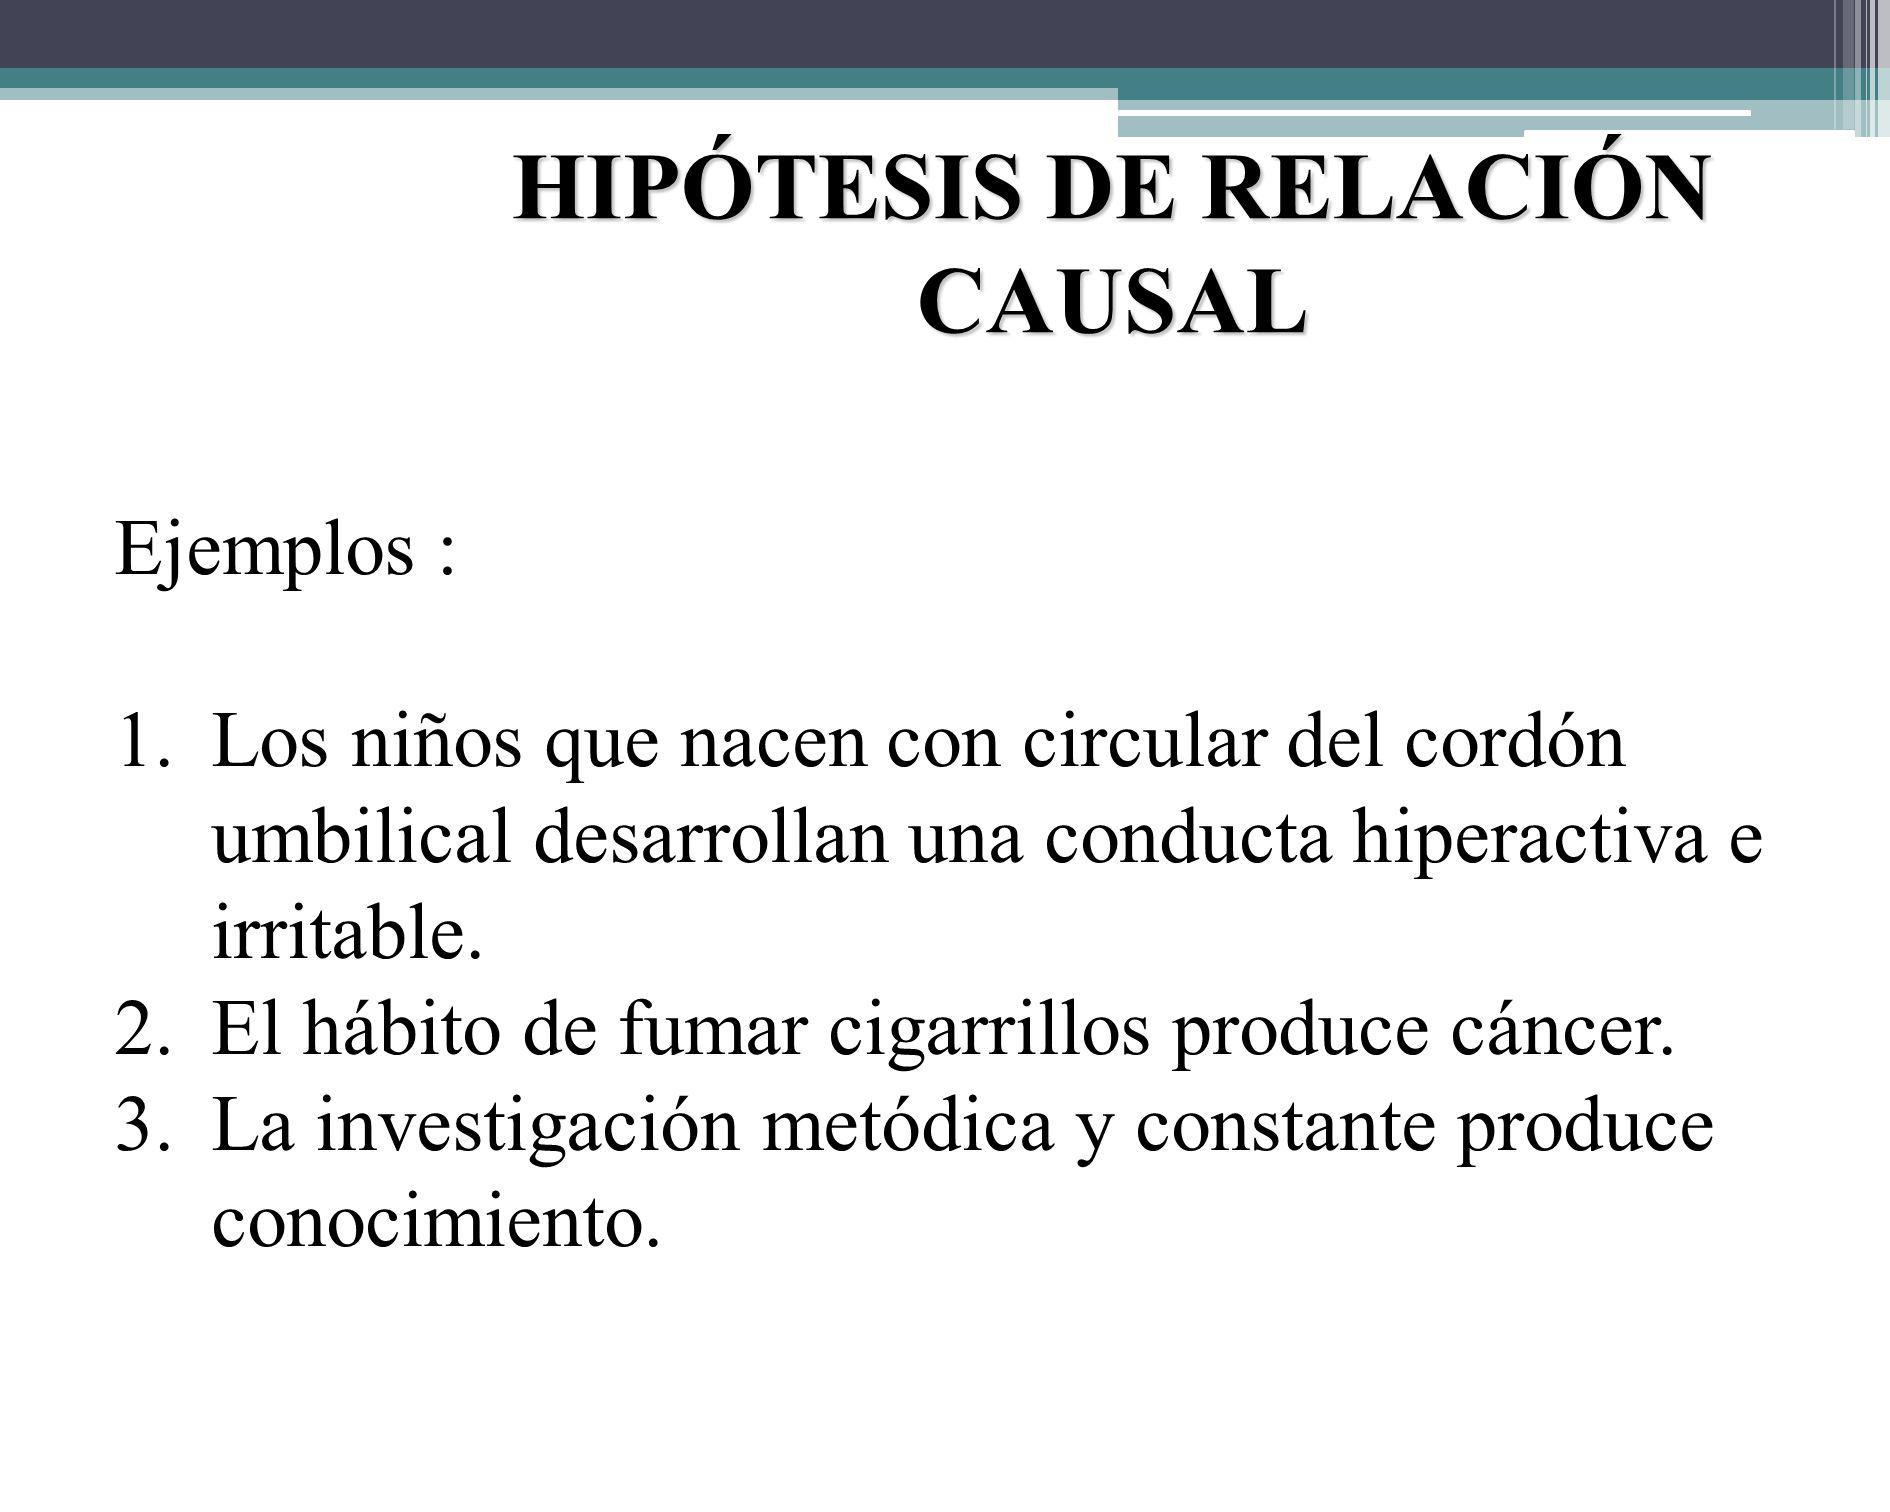 TIPO DE HIPÓTESIS 3. HIPÓTESIS DE RELACIÓN CAUSAL : - Son las que permiten explicar y predecir los hechos y fenómenos con determinados márgenes de err